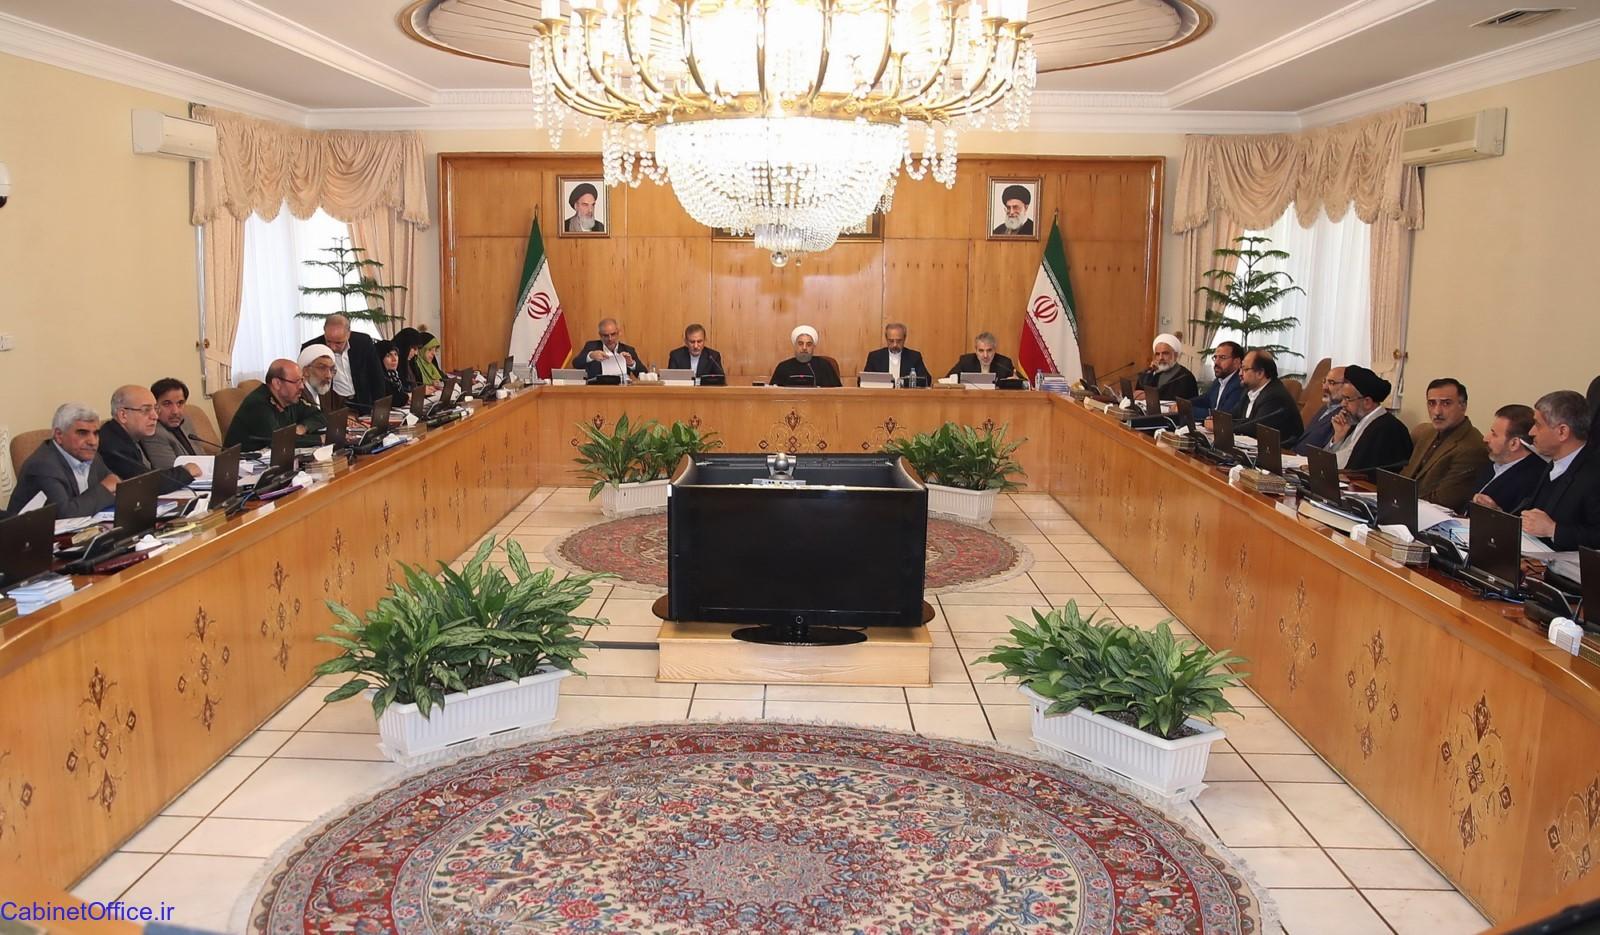 بررسی مسایل روز کشور در جلسه امروز هیئت دولت